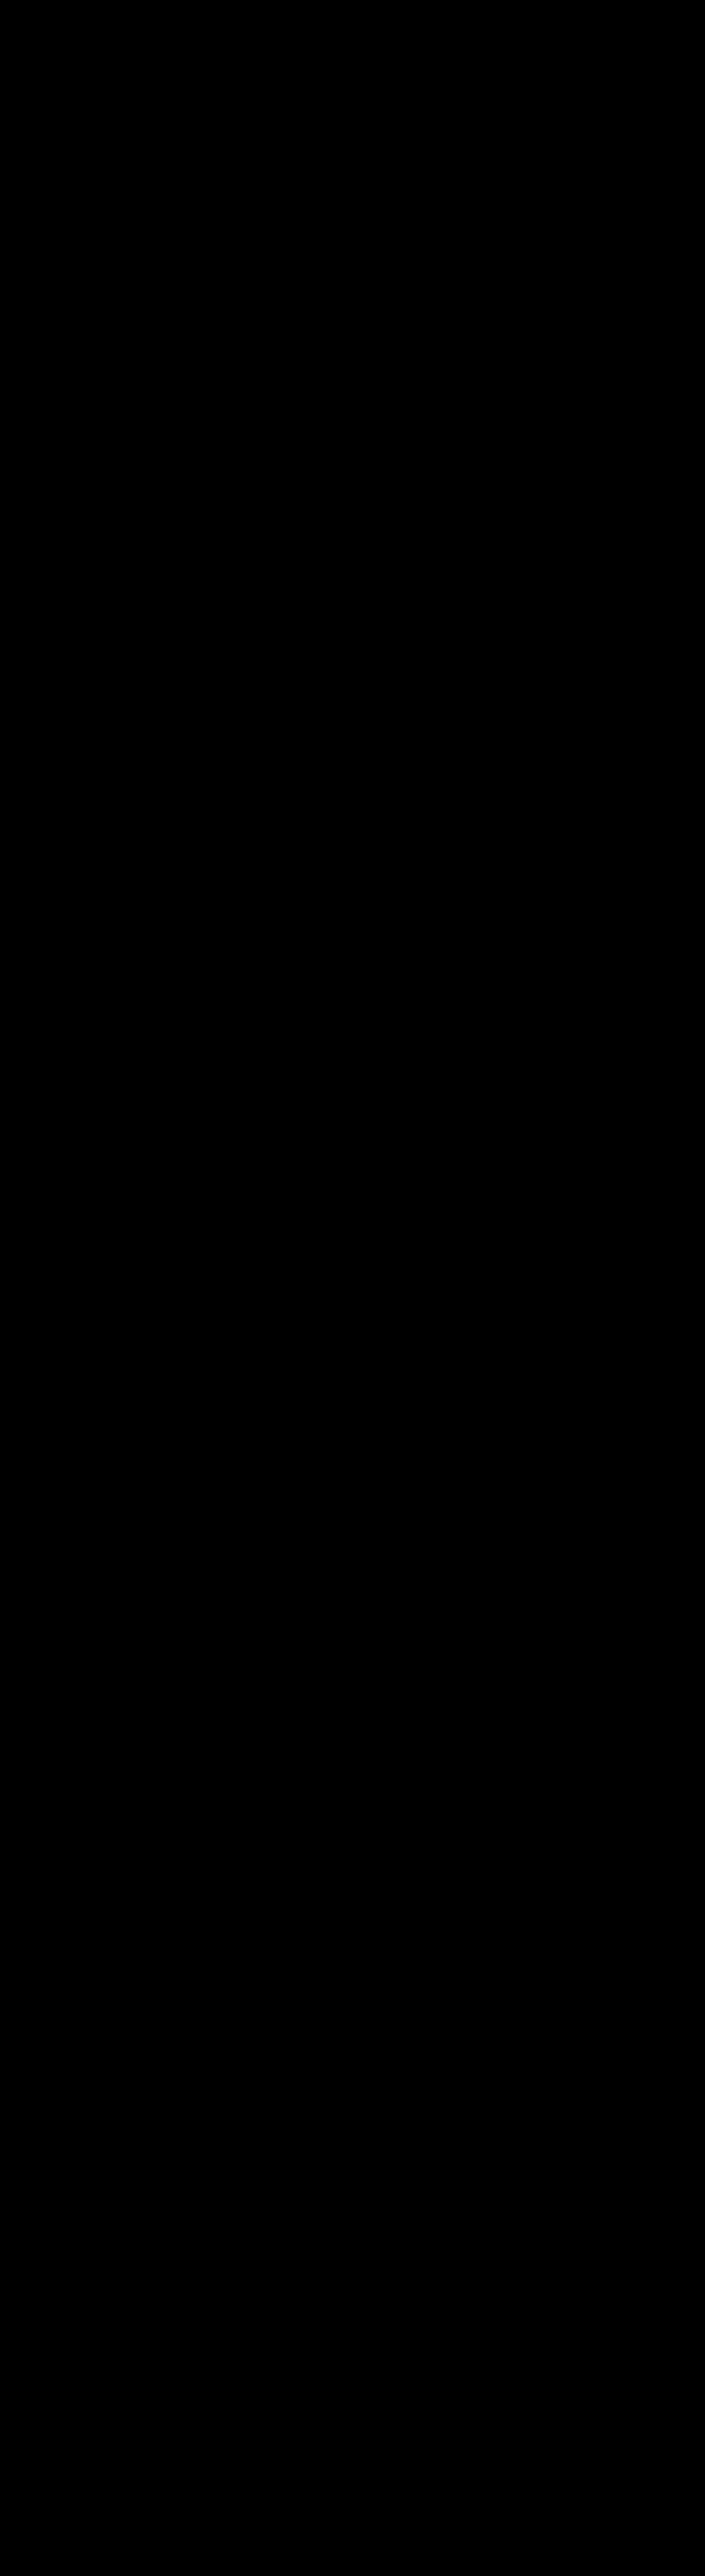 نتائج 3 أعوام من العملية العسكرية الروسية في سوريا